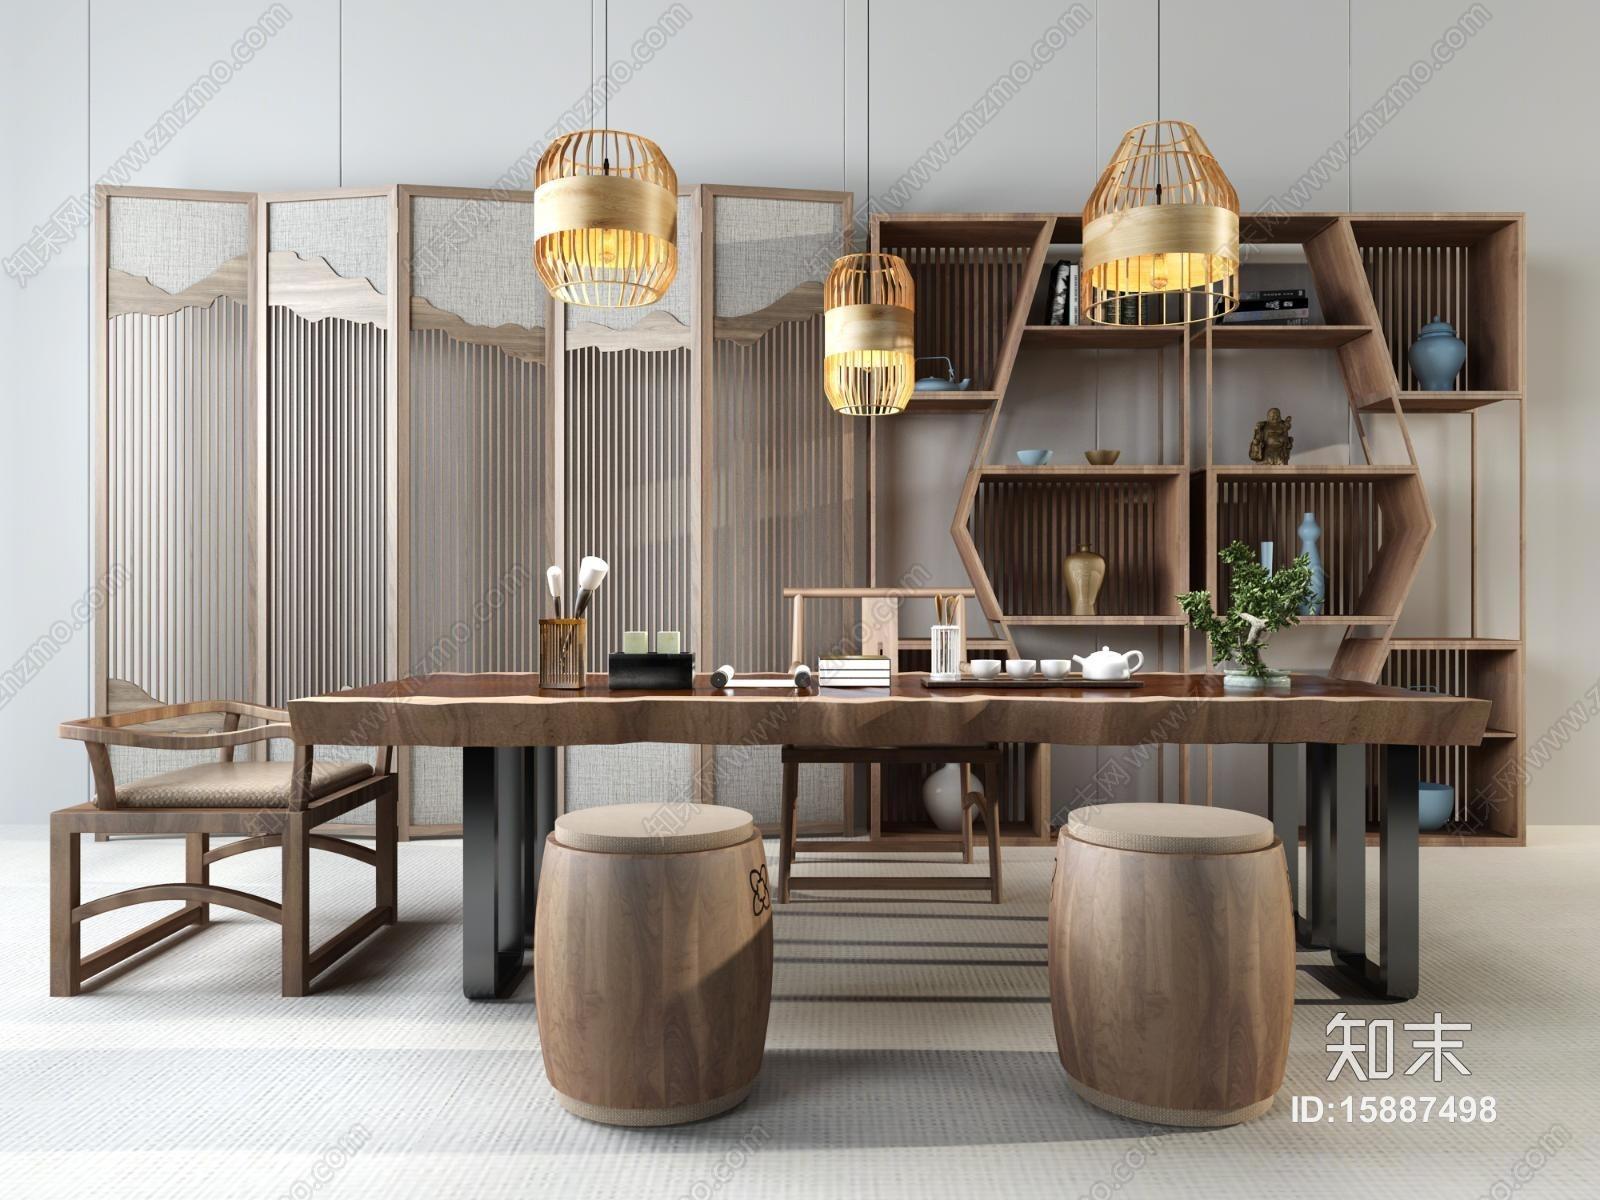 中式书房 书桌组合 隔断 书柜 吊灯